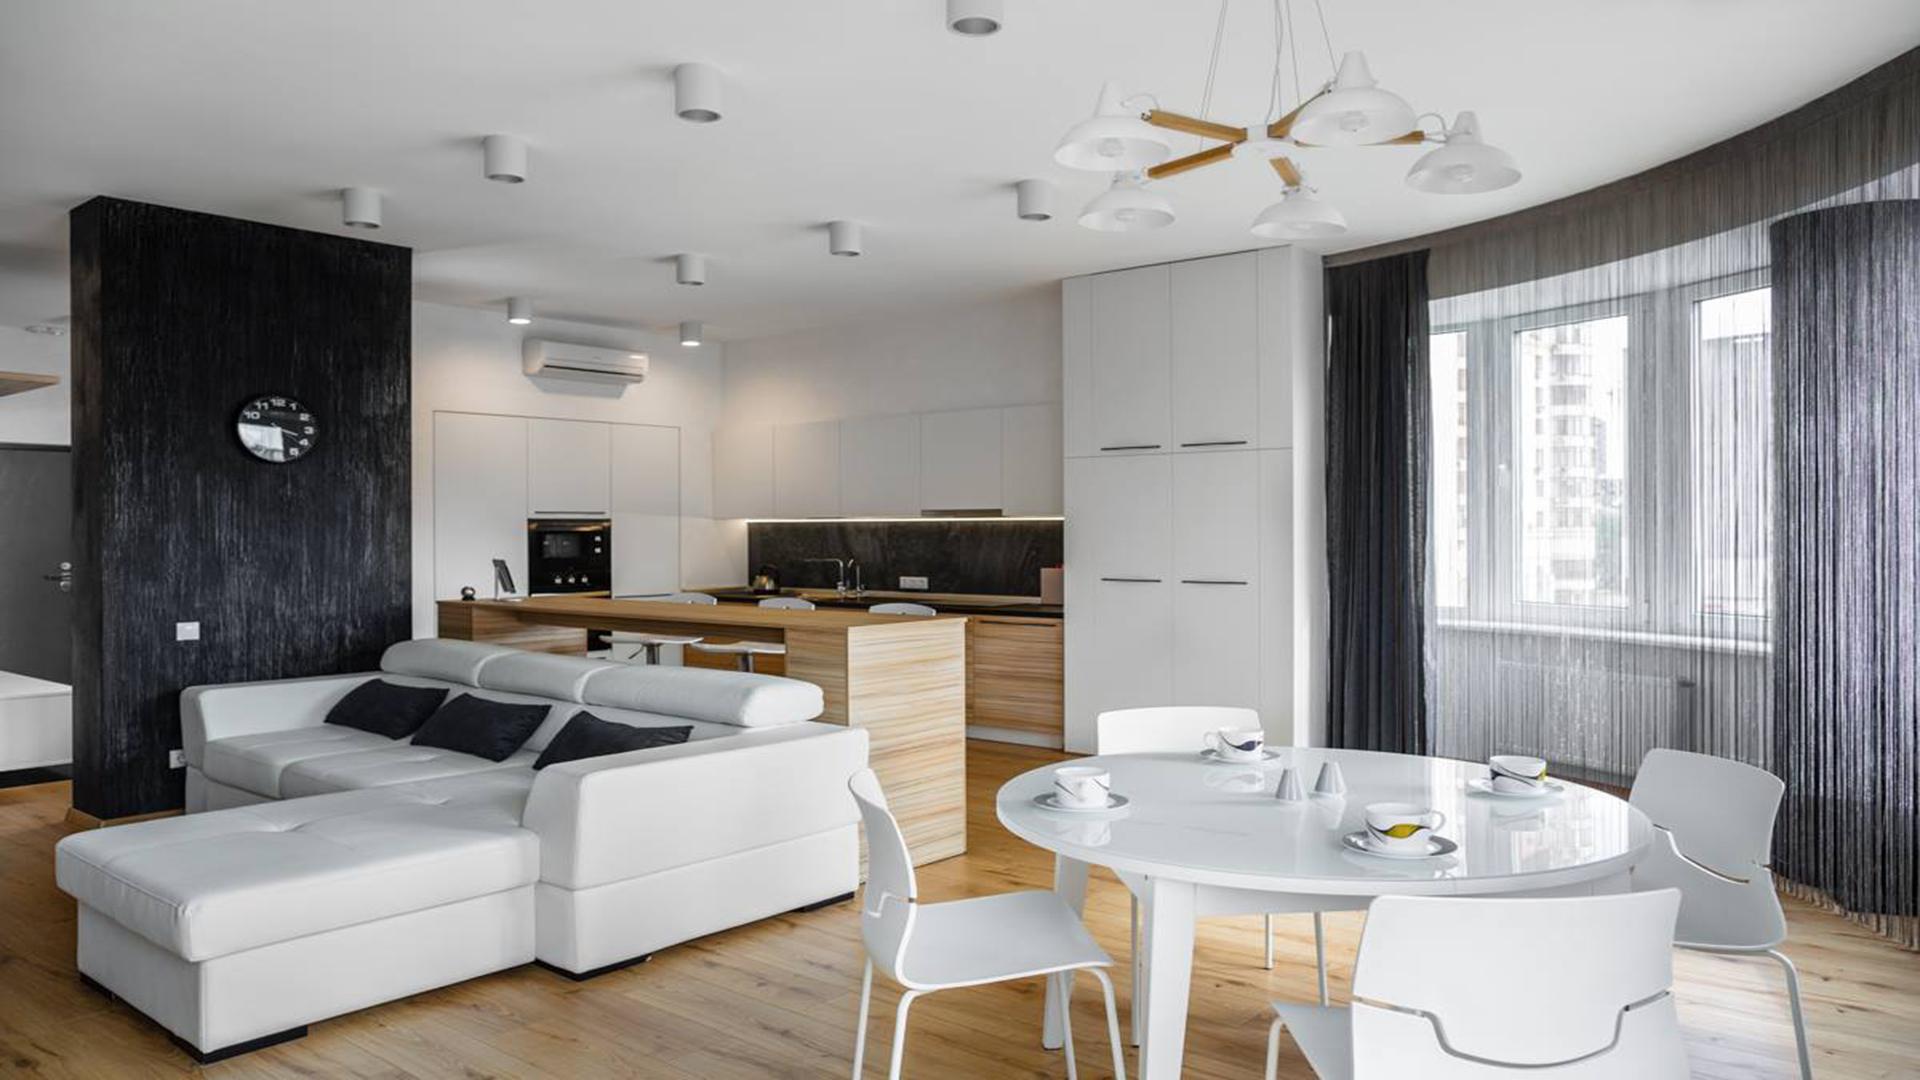 Апартаменты прописка черногория петровац все отели и аппартаменты фото отзывы